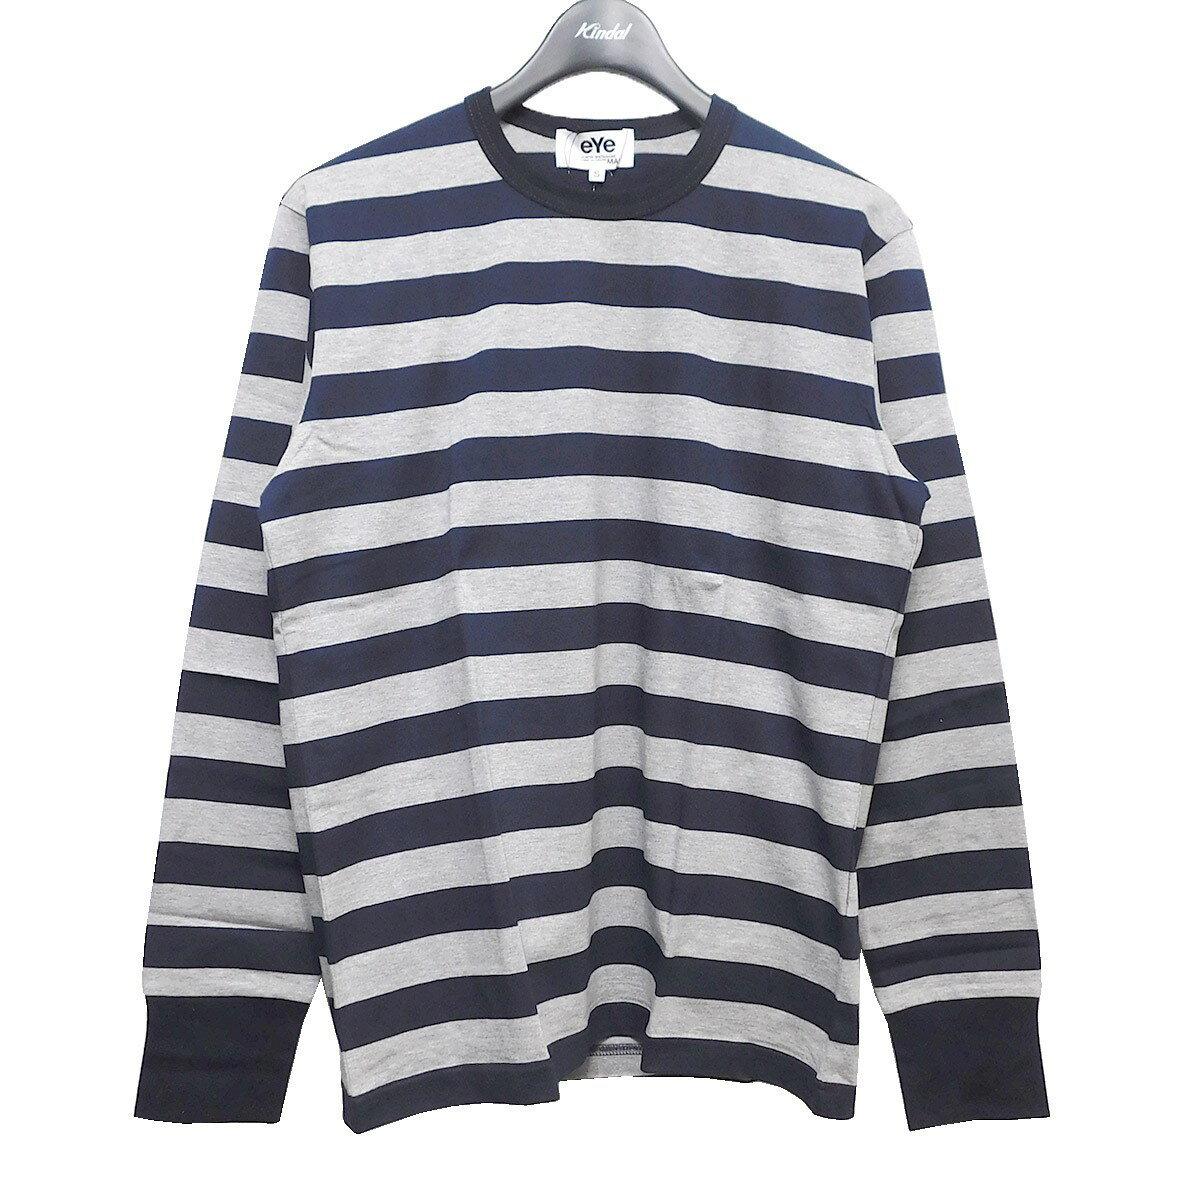 トップス, Tシャツ・カットソー eye JUNYA WATANABE CdG MAN 2020AW T S 041220